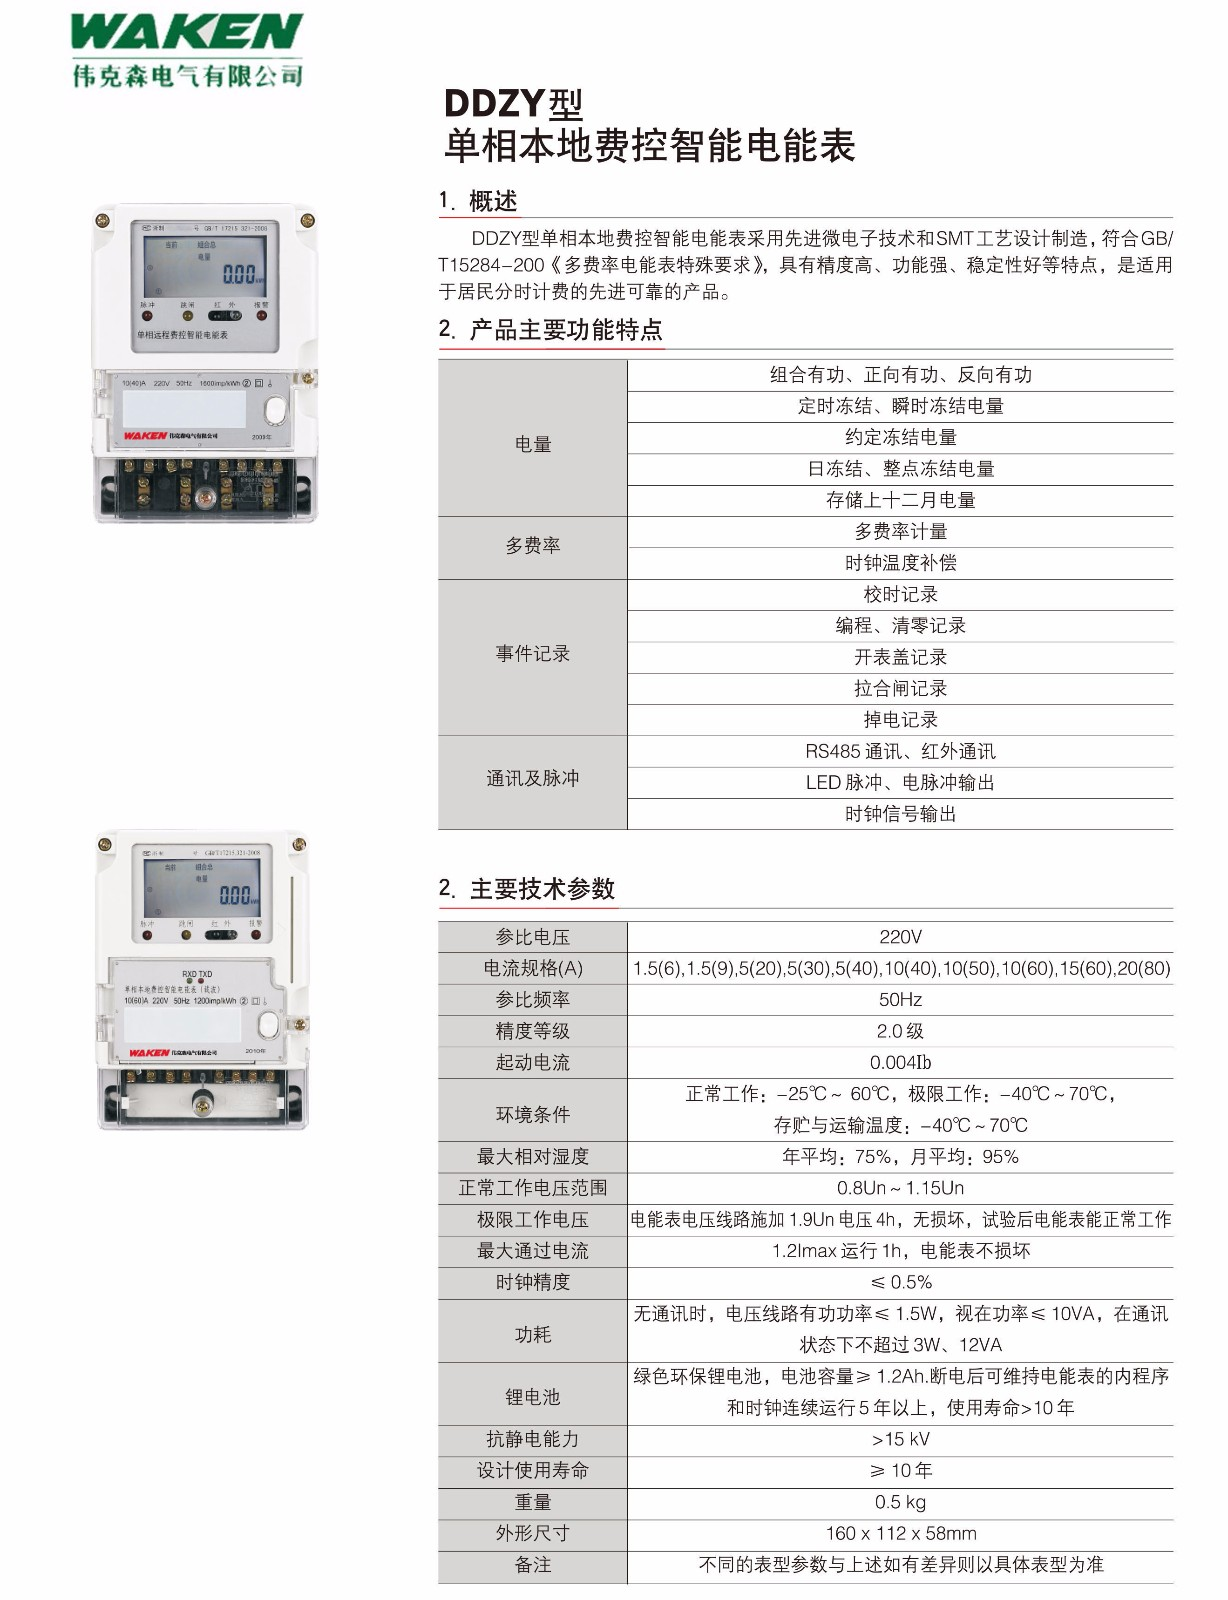 DDZY型单相本地费控智能电能表A.jpg